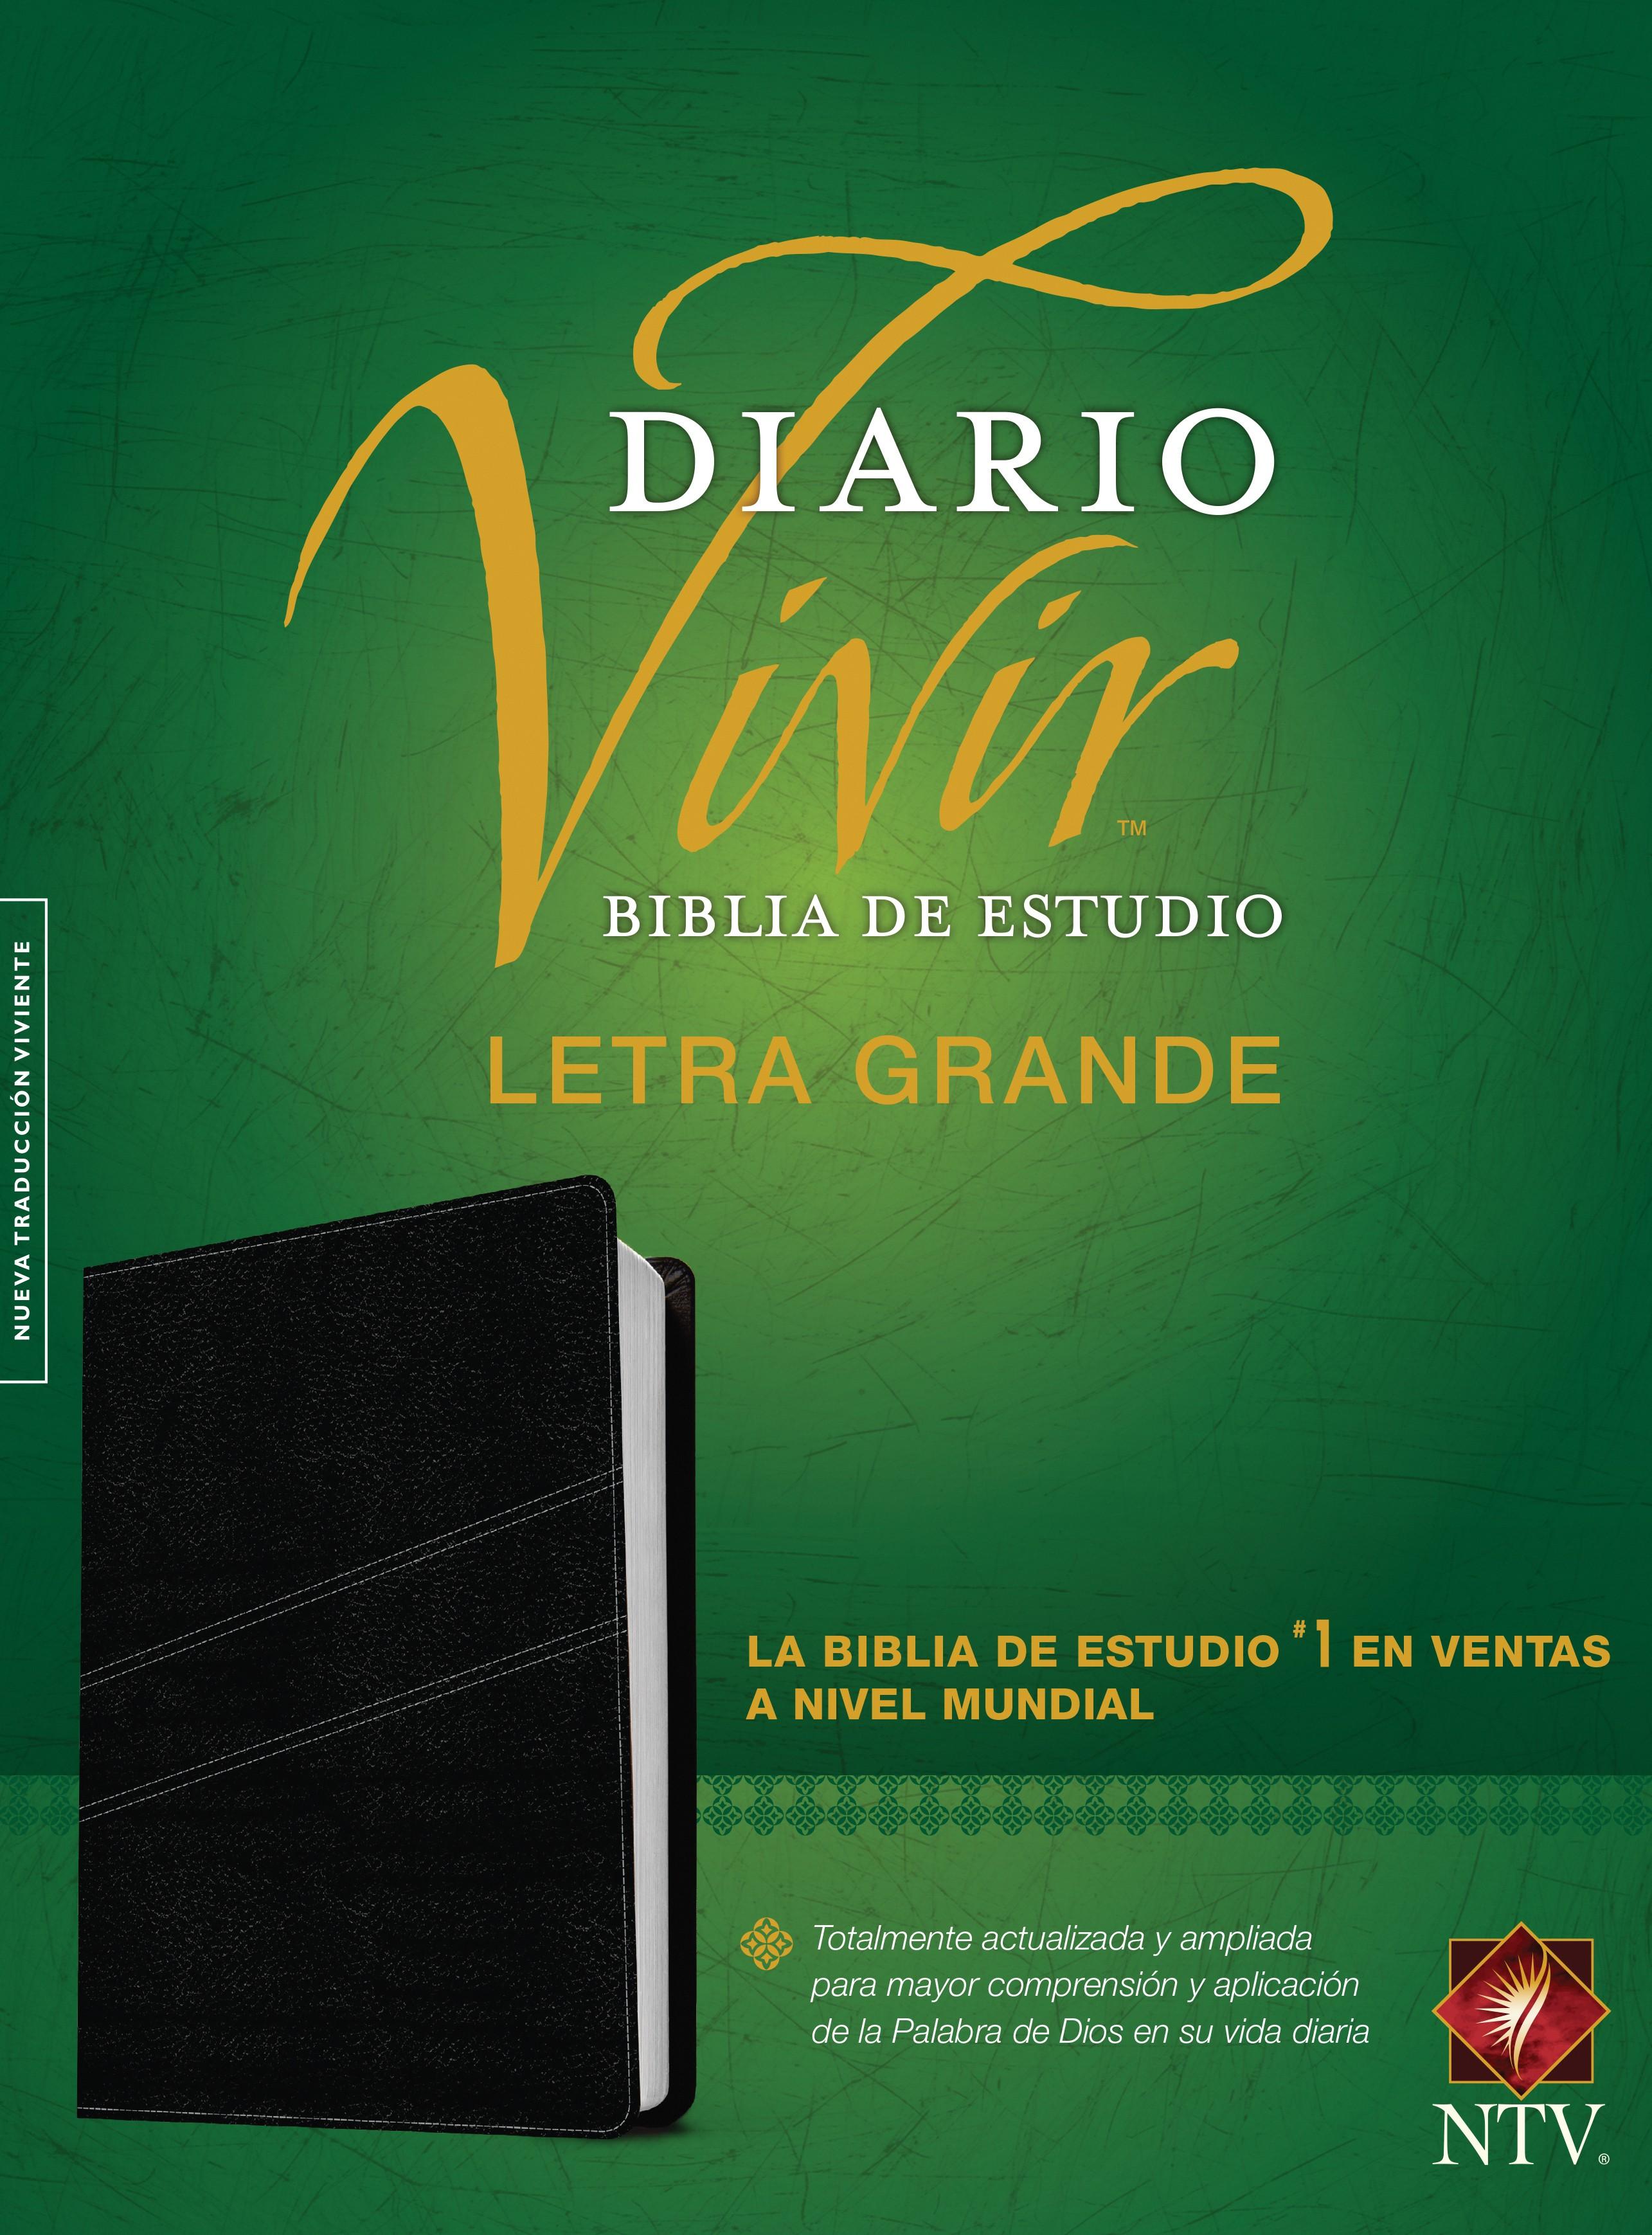 Biblia de estudio del diario vivir NTV, letra grande (Letra Roja, SentiPiel, Negro)